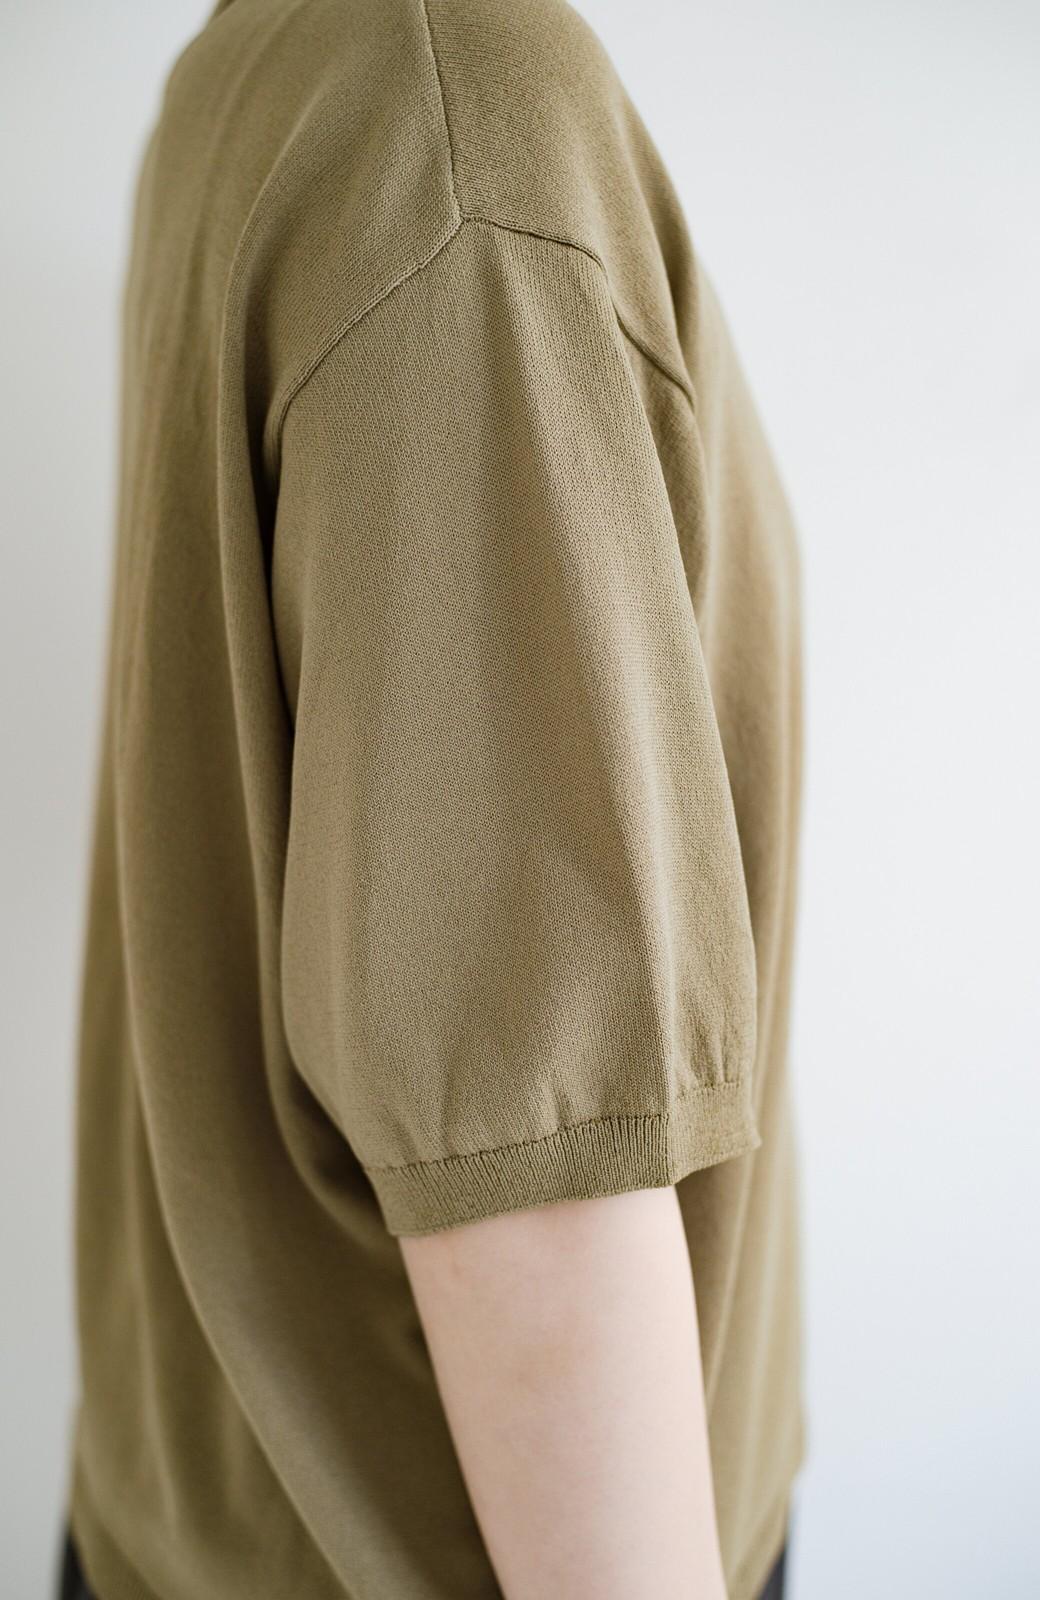 haco! Tシャツ代わりに着ておしゃれ気分が高まる 洗濯機で洗えるポロニットトップス <ベージュ>の商品写真7